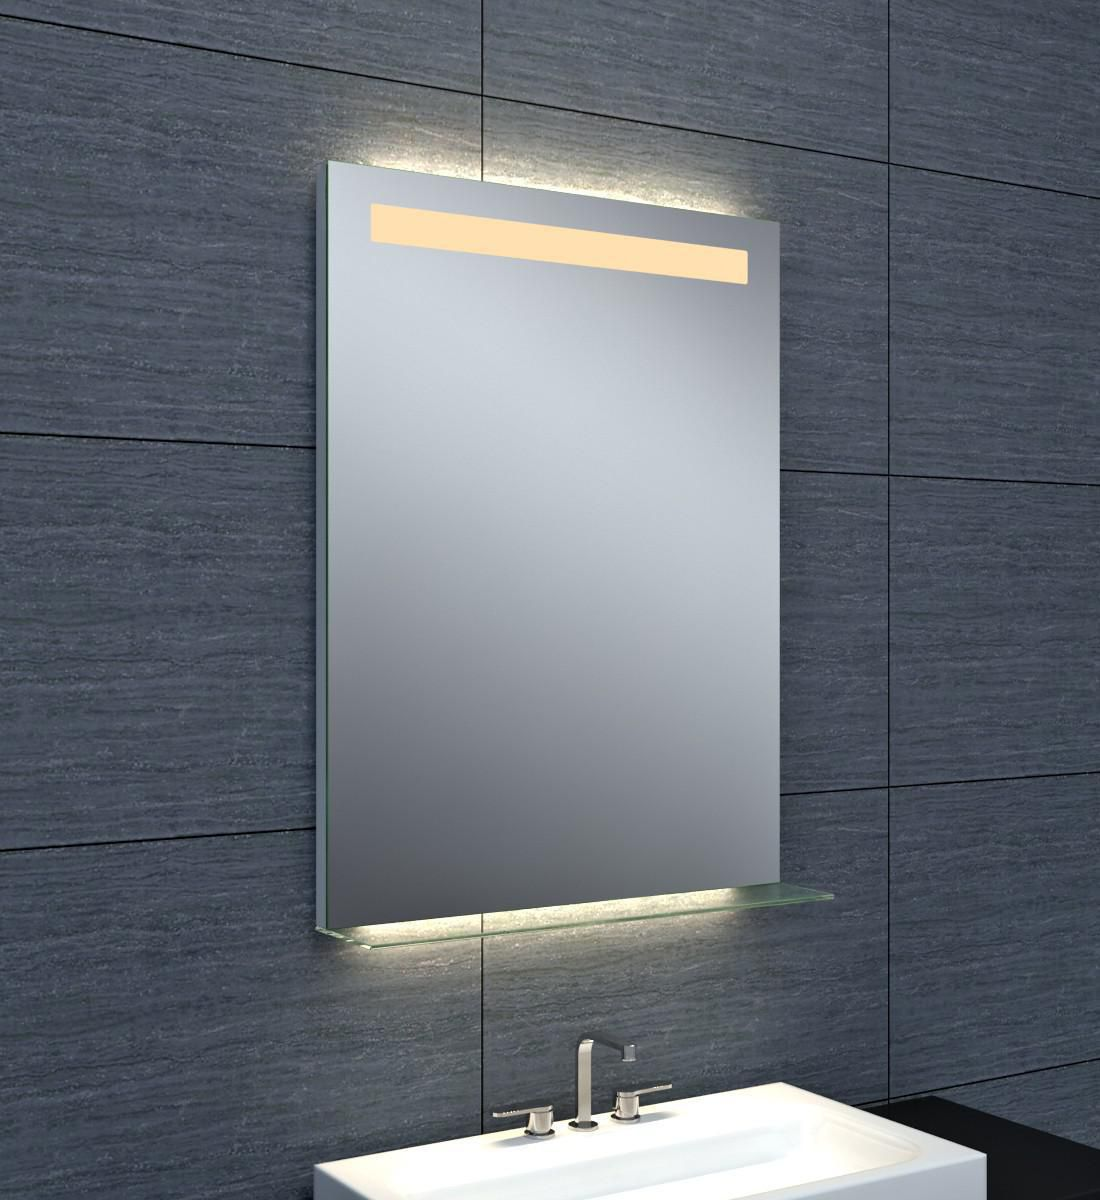 miroir r tro clair duba l 60 cm envie de salle de bain. Black Bedroom Furniture Sets. Home Design Ideas